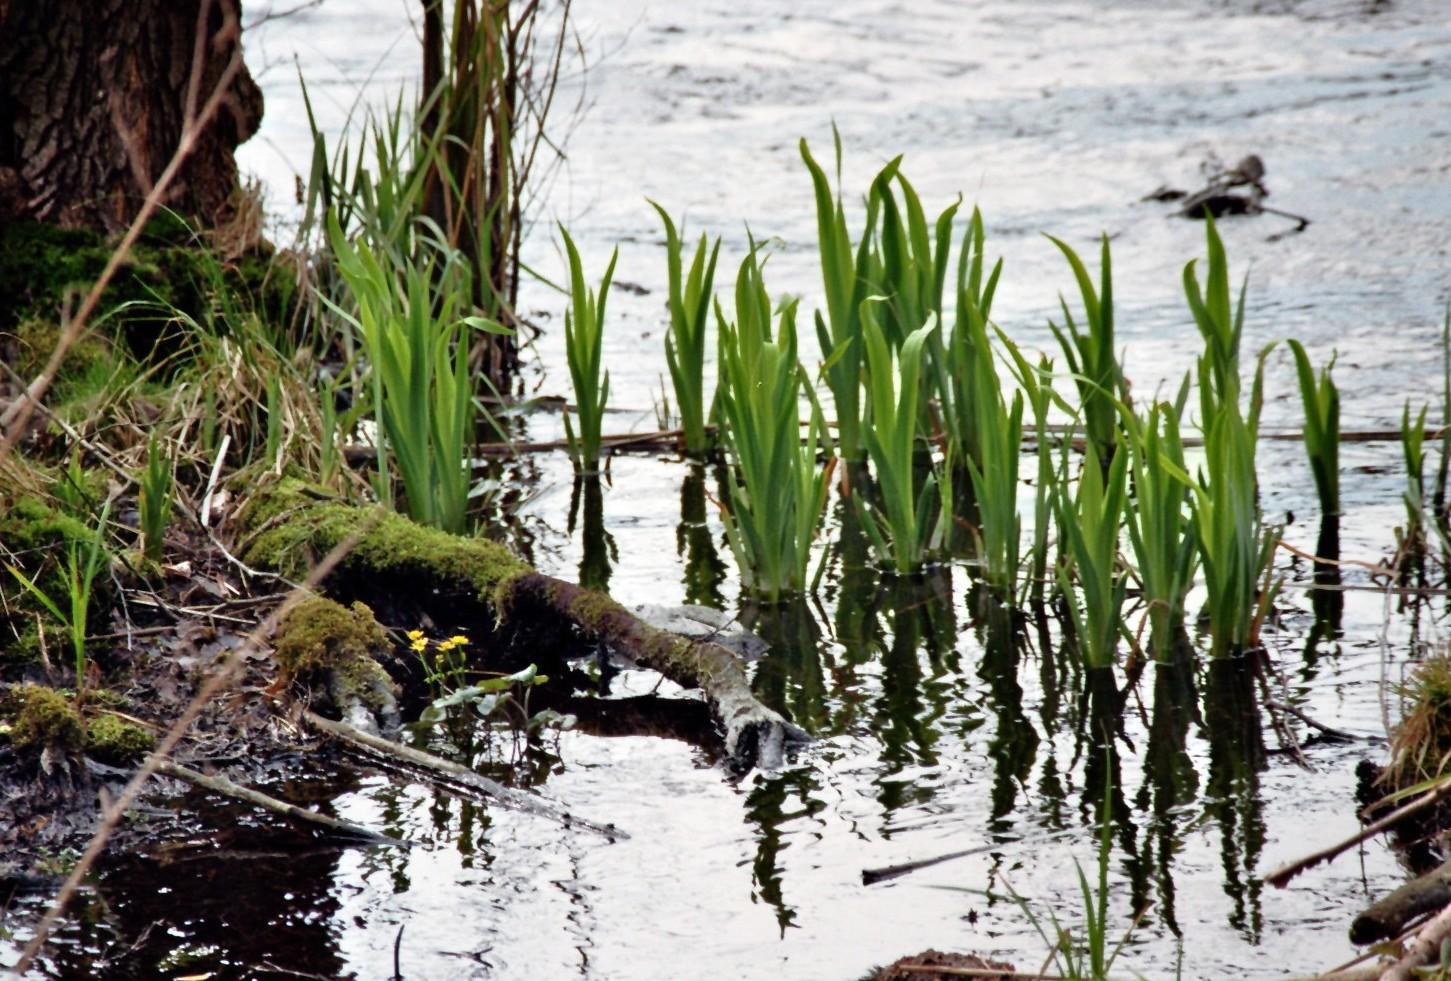 Schwertlilien am Ufer